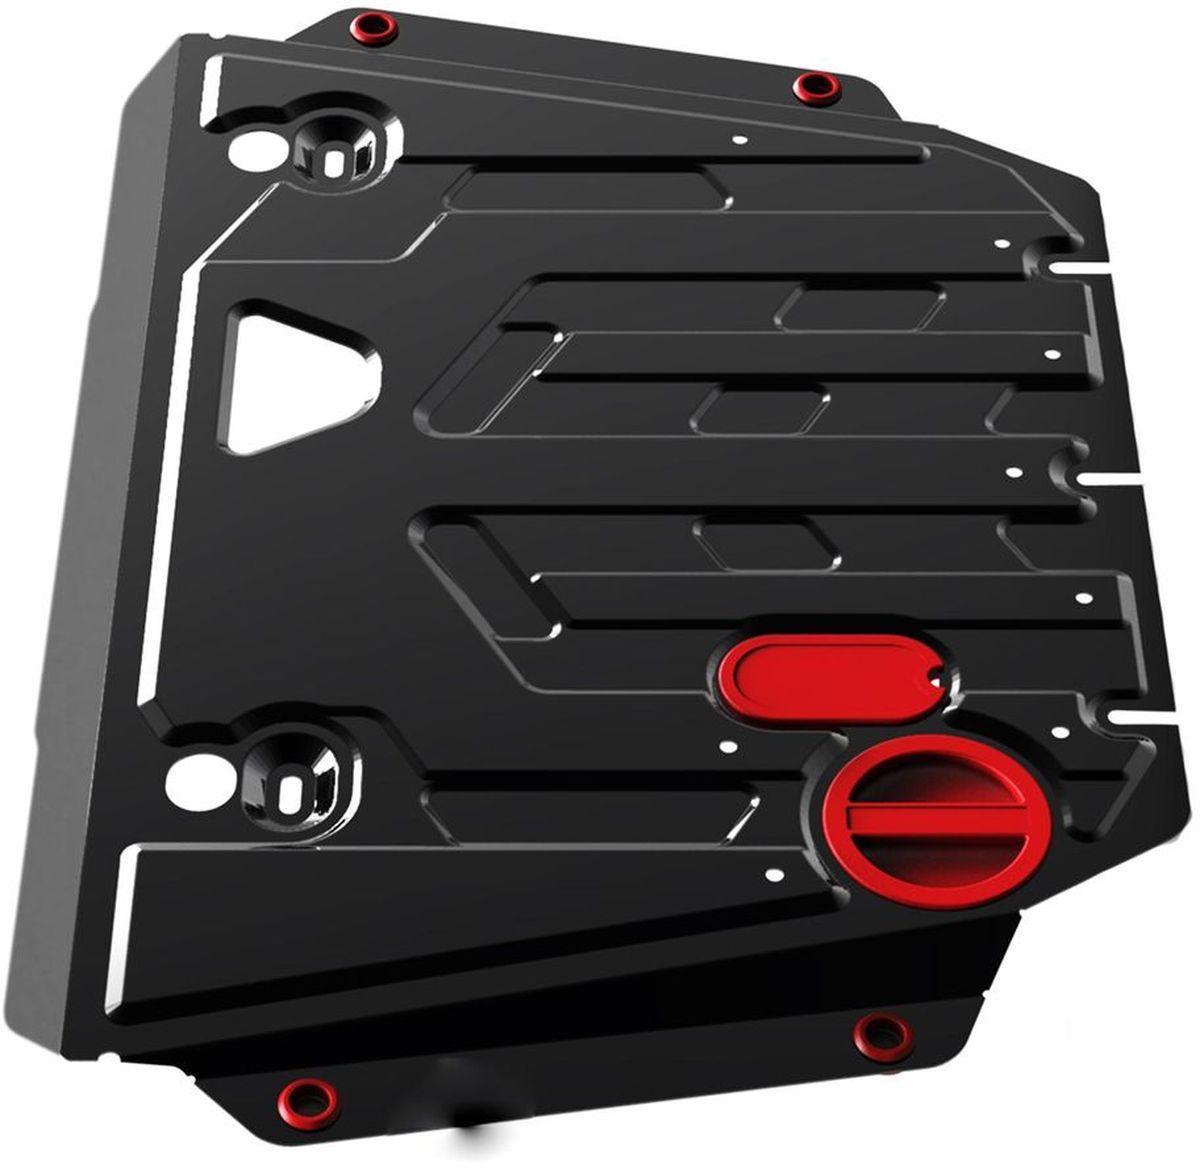 Защита картера и КПП Автоброня Honda CR-V 2012-, сталь 2 мм111.02125.1Защита картера и КПП Автоброня Honda CR-V, V - 2,0 i 2012-, сталь 2 мм, комплект крепежа, 111.02125.1Стальные защиты Автоброня надежно защищают ваш автомобиль от повреждений при наезде на бордюры, выступающие канализационные люки, кромки поврежденного асфальта или при ремонте дорог, не говоря уже о загородных дорогах.- Имеют оптимальное соотношение цена-качество.- Спроектированы с учетом особенностей автомобиля, что делает установку удобной.- Защита устанавливается в штатные места кузова автомобиля.- Является надежной защитой для важных элементов на протяжении долгих лет.- Глубокий штамп дополнительно усиливает конструкцию защиты.- Подштамповка в местах крепления защищает крепеж от срезания.- Технологические отверстия там, где они необходимы для смены масла и слива воды, оборудованные заглушками, закрепленными на защите.Толщина стали 2 мм.В комплекте крепеж и инструкция по установке.Уважаемые клиенты!Обращаем ваше внимание на тот факт, что защита имеет форму, соответствующую модели данного автомобиля. Наличие глубокого штампа и лючков для смены фильтров/масла предусмотрено не на всех защитах. Фото служит для визуального восприятия товара.